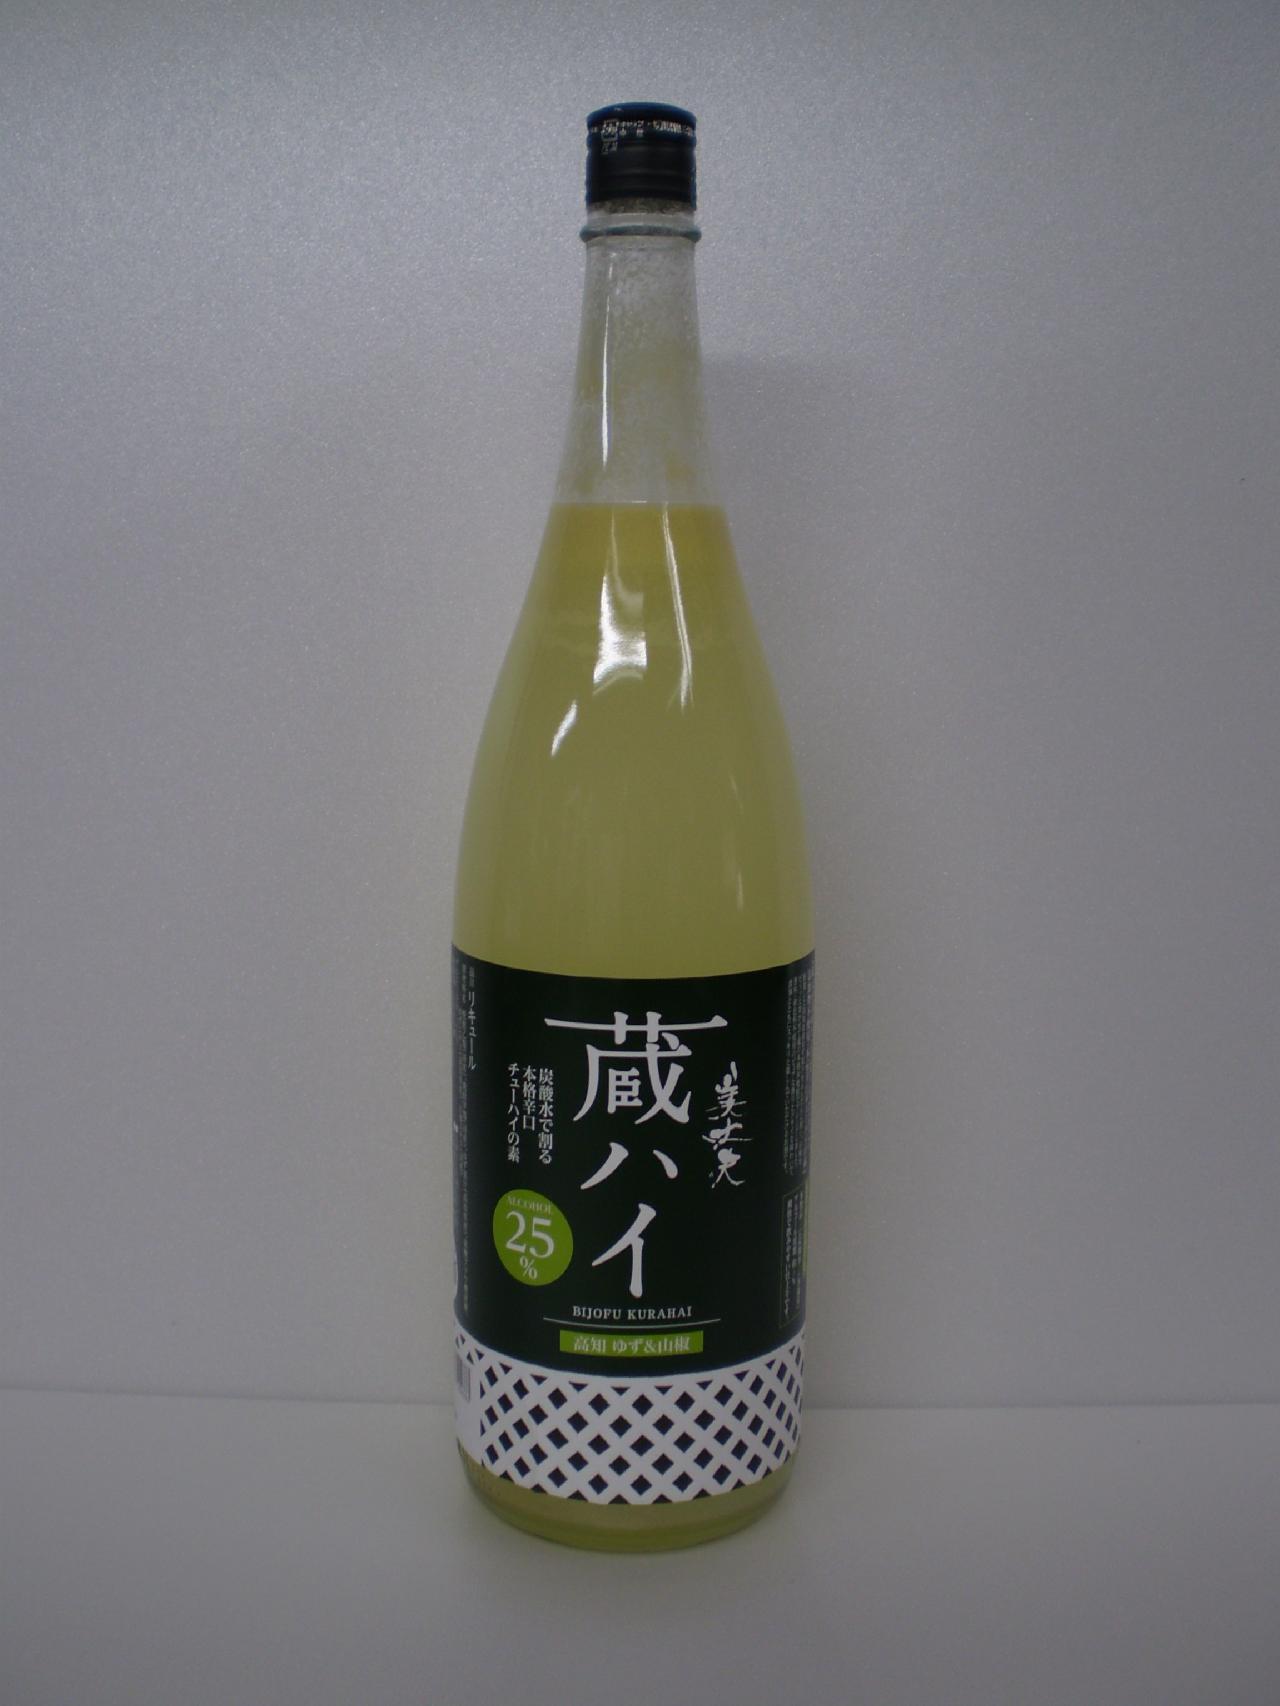 美丈夫 蔵ハイ ゆず&山椒 1800ml 浜川商店